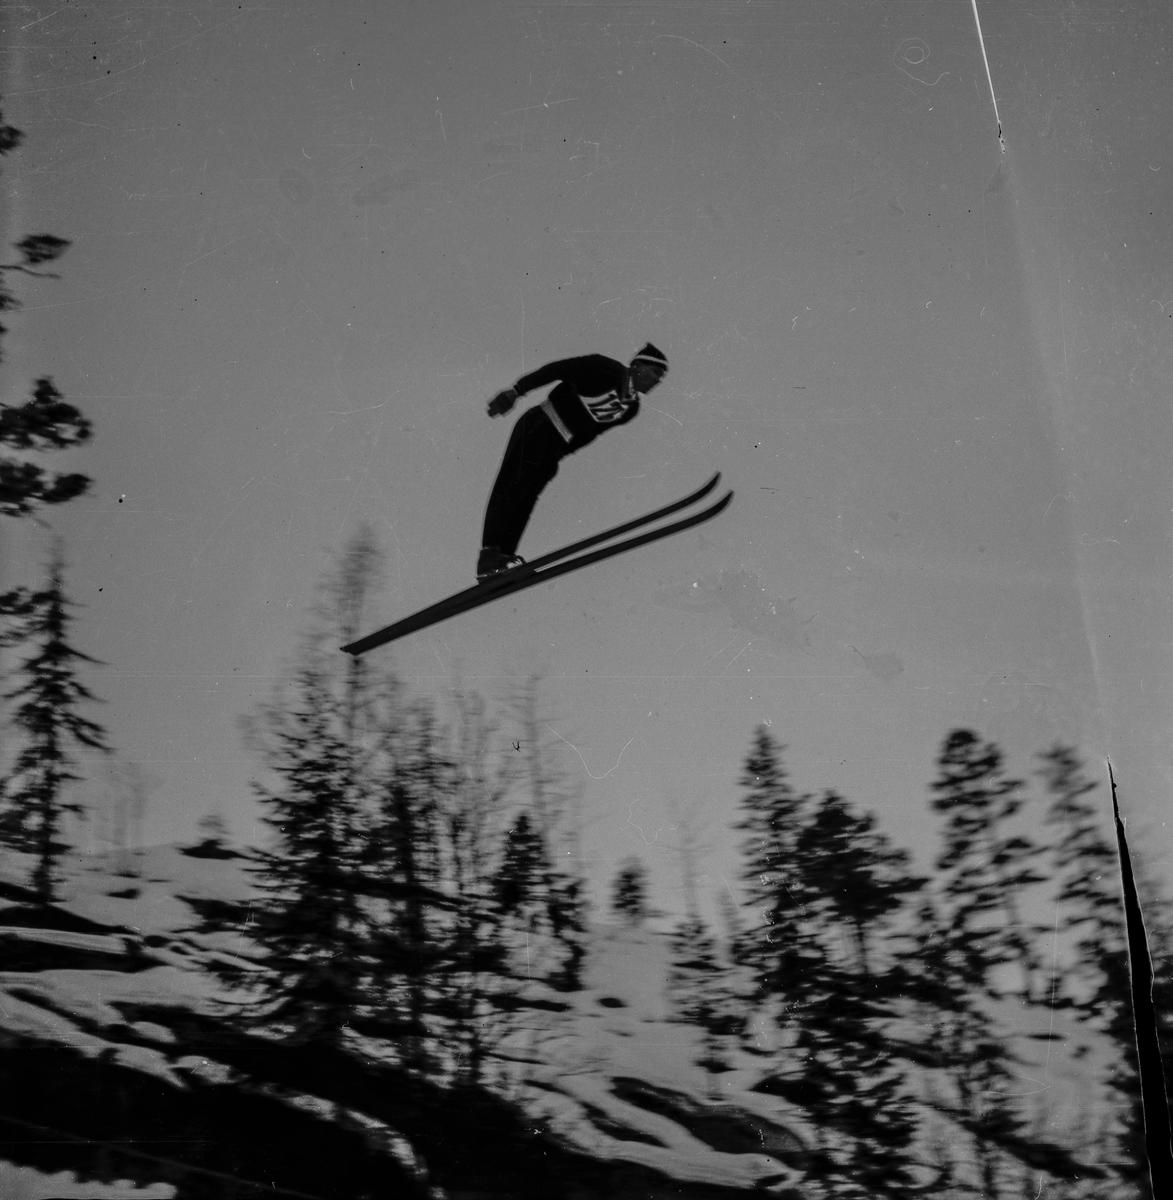 Ski jumping at the Hannibalbakken